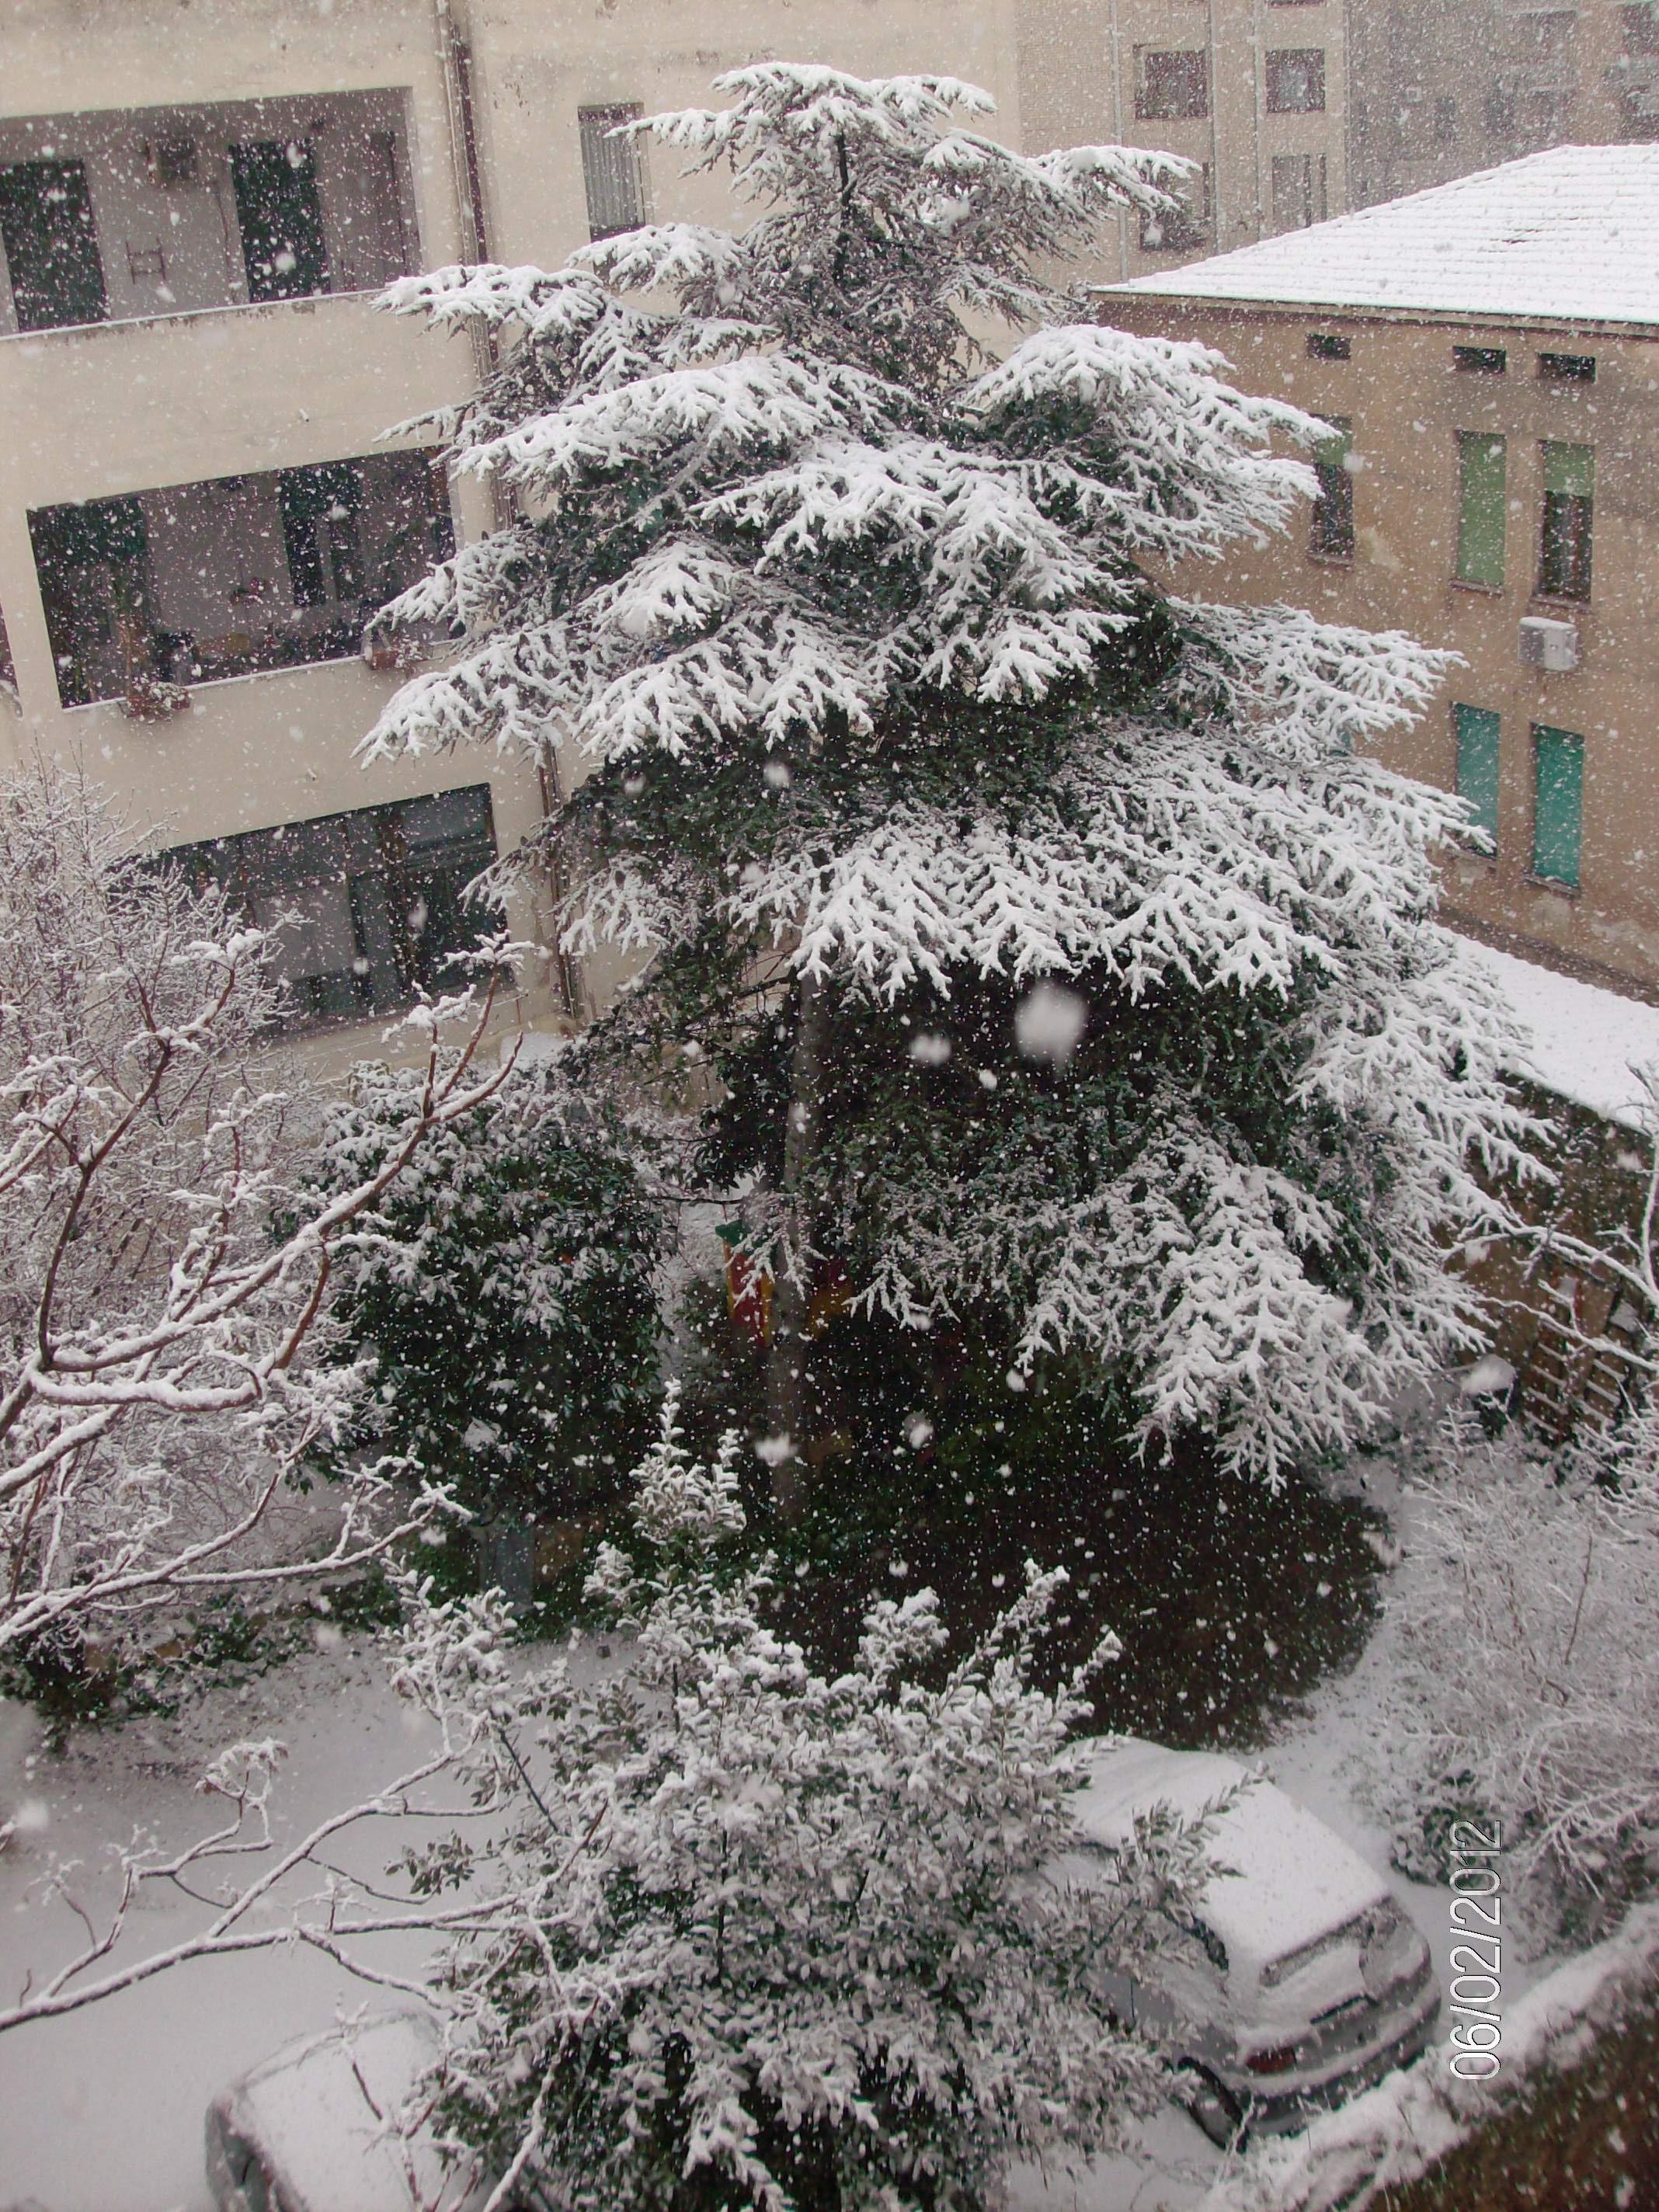 Sassari sotto la neve, zona Viale Trento, 6 febbraio 2012 dal Portale Le Vie della Sardegna